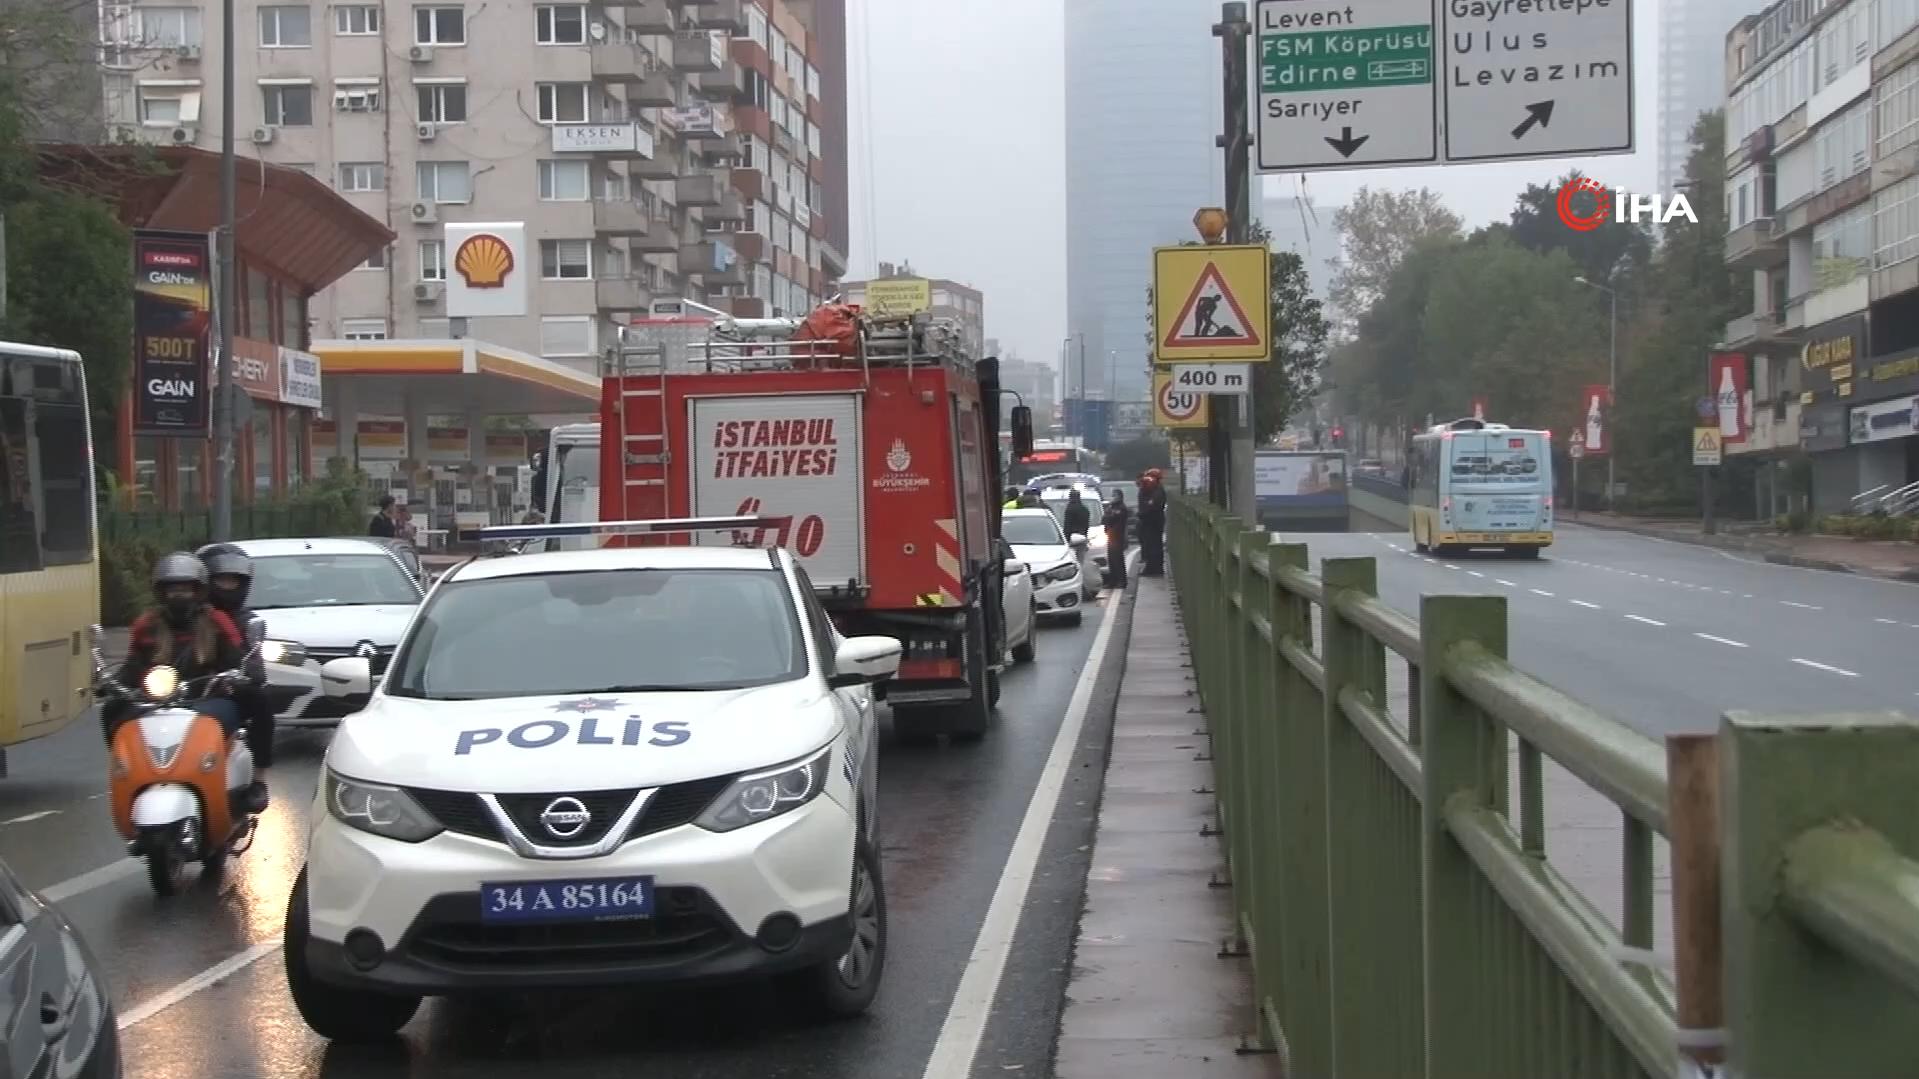 İstanbul'da milyonluk 'yağmur kazası'! Araçlar birbirine girdi